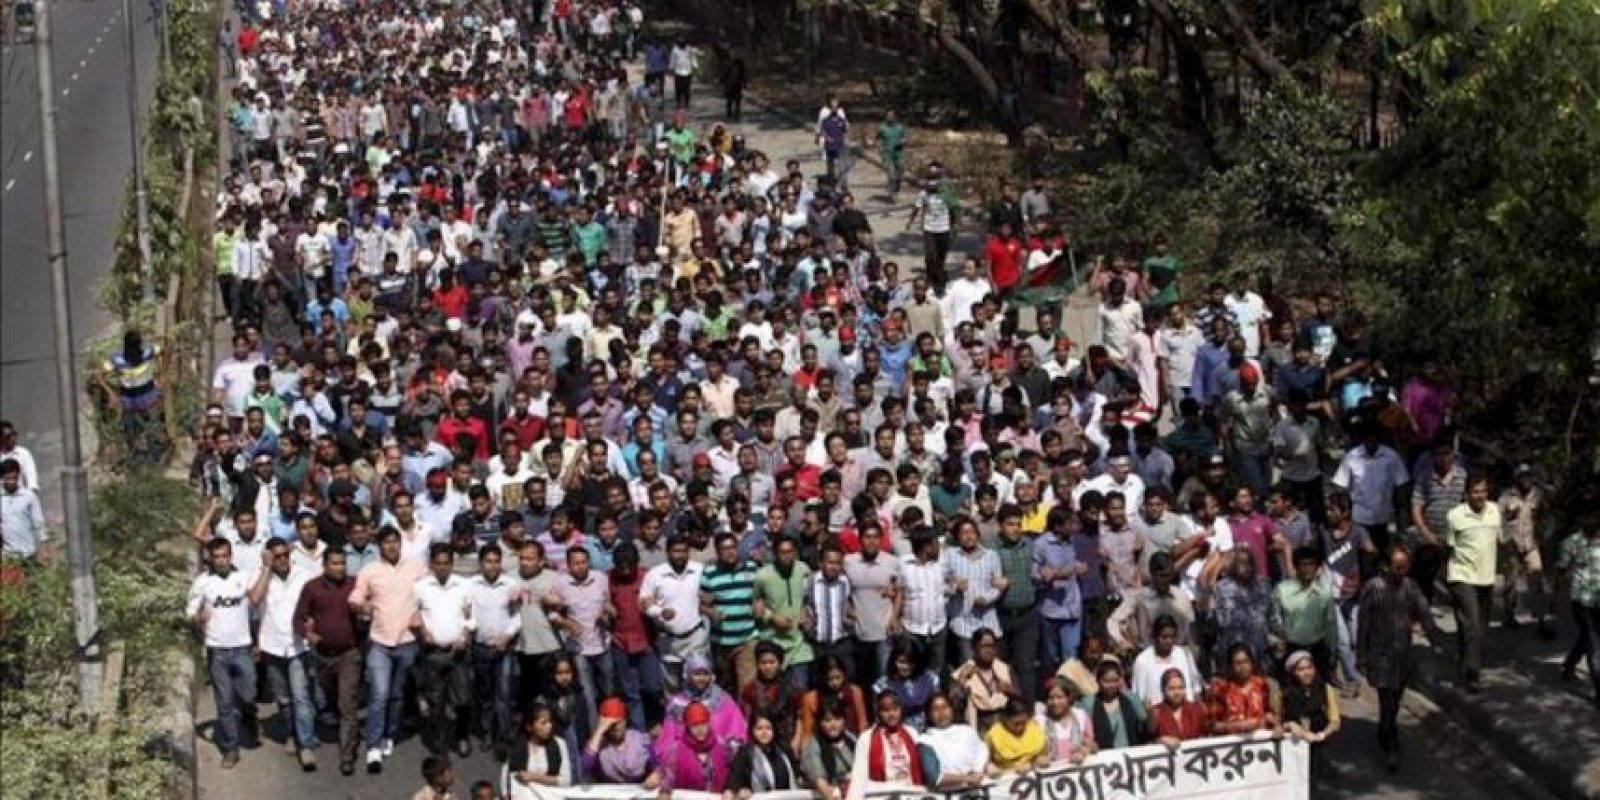 Estudiantes bengalíes participan en una marcha para pedir la condena a muerte para el líder del partido islamista Jamaat-e-Islami, Delawar Hossain Sayedi, en los alrededores del tribunal en Dacca (Bangladesh). Un tribunal condenó hoy a la horca a Hossain Sayedi por crímenes cometidos en la guerra de independencia de 1971. EFE